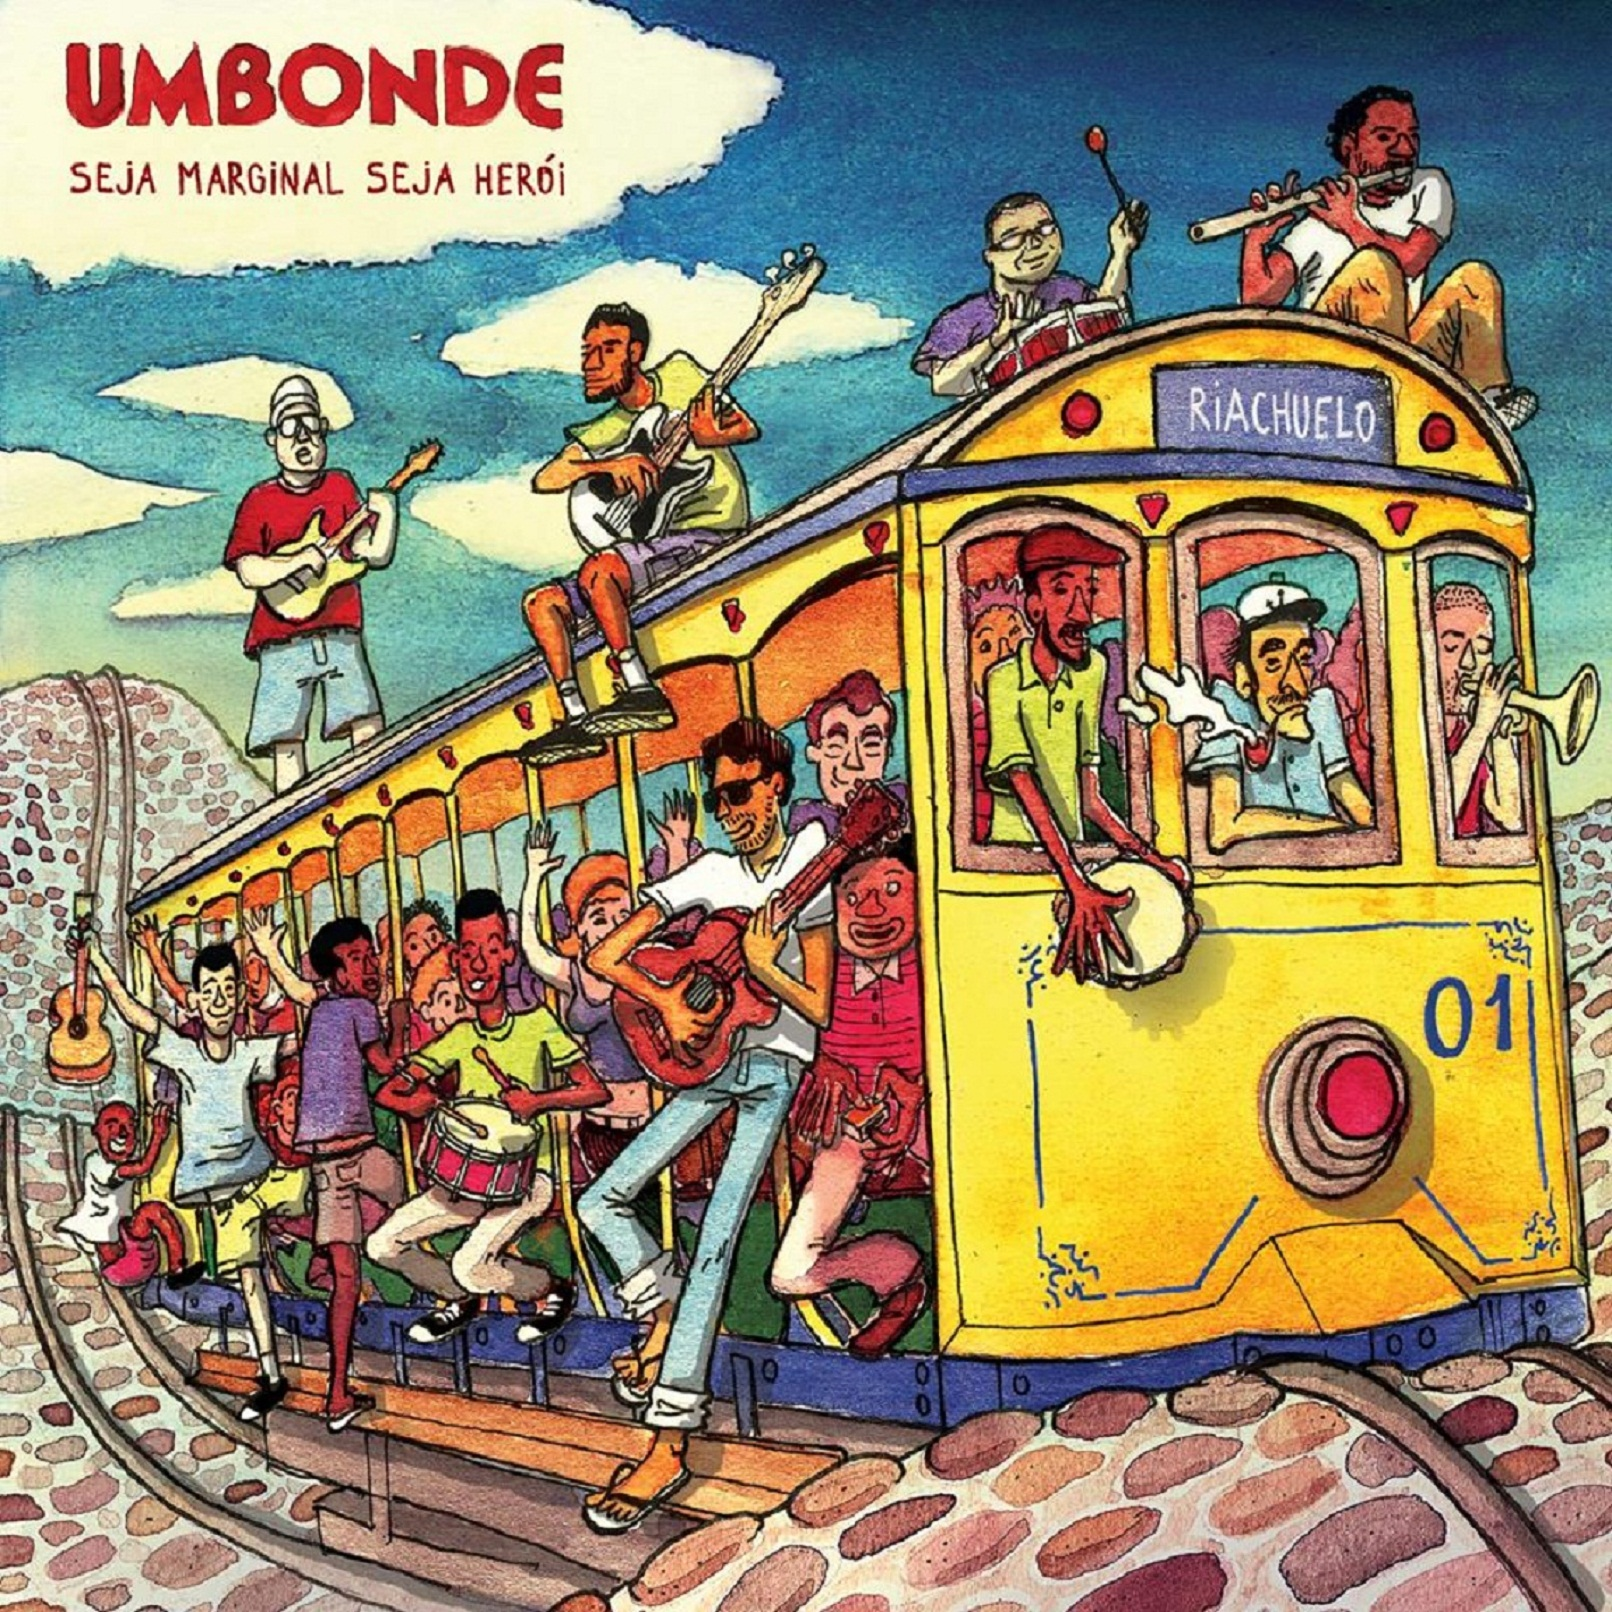 Som na caixa | Escute e baixe o disco da Umbonde Banda